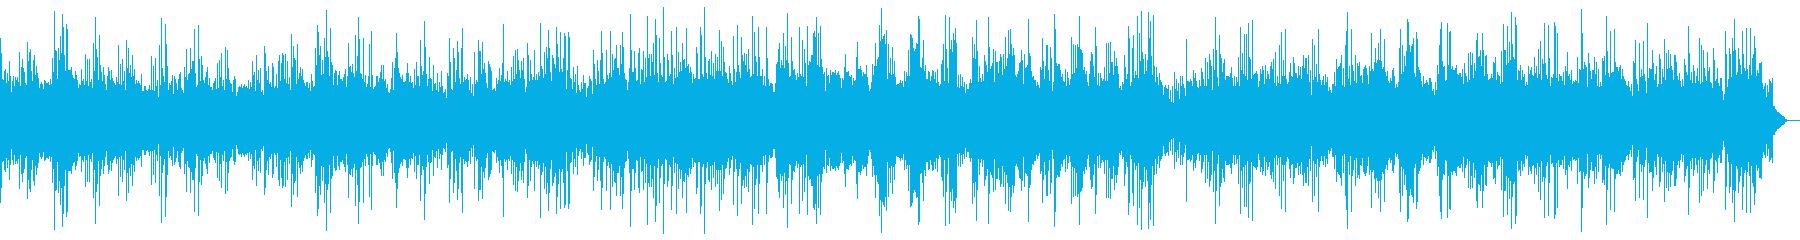 旋律の綺麗なヒーリングピアノ_効果音なしの再生済みの波形